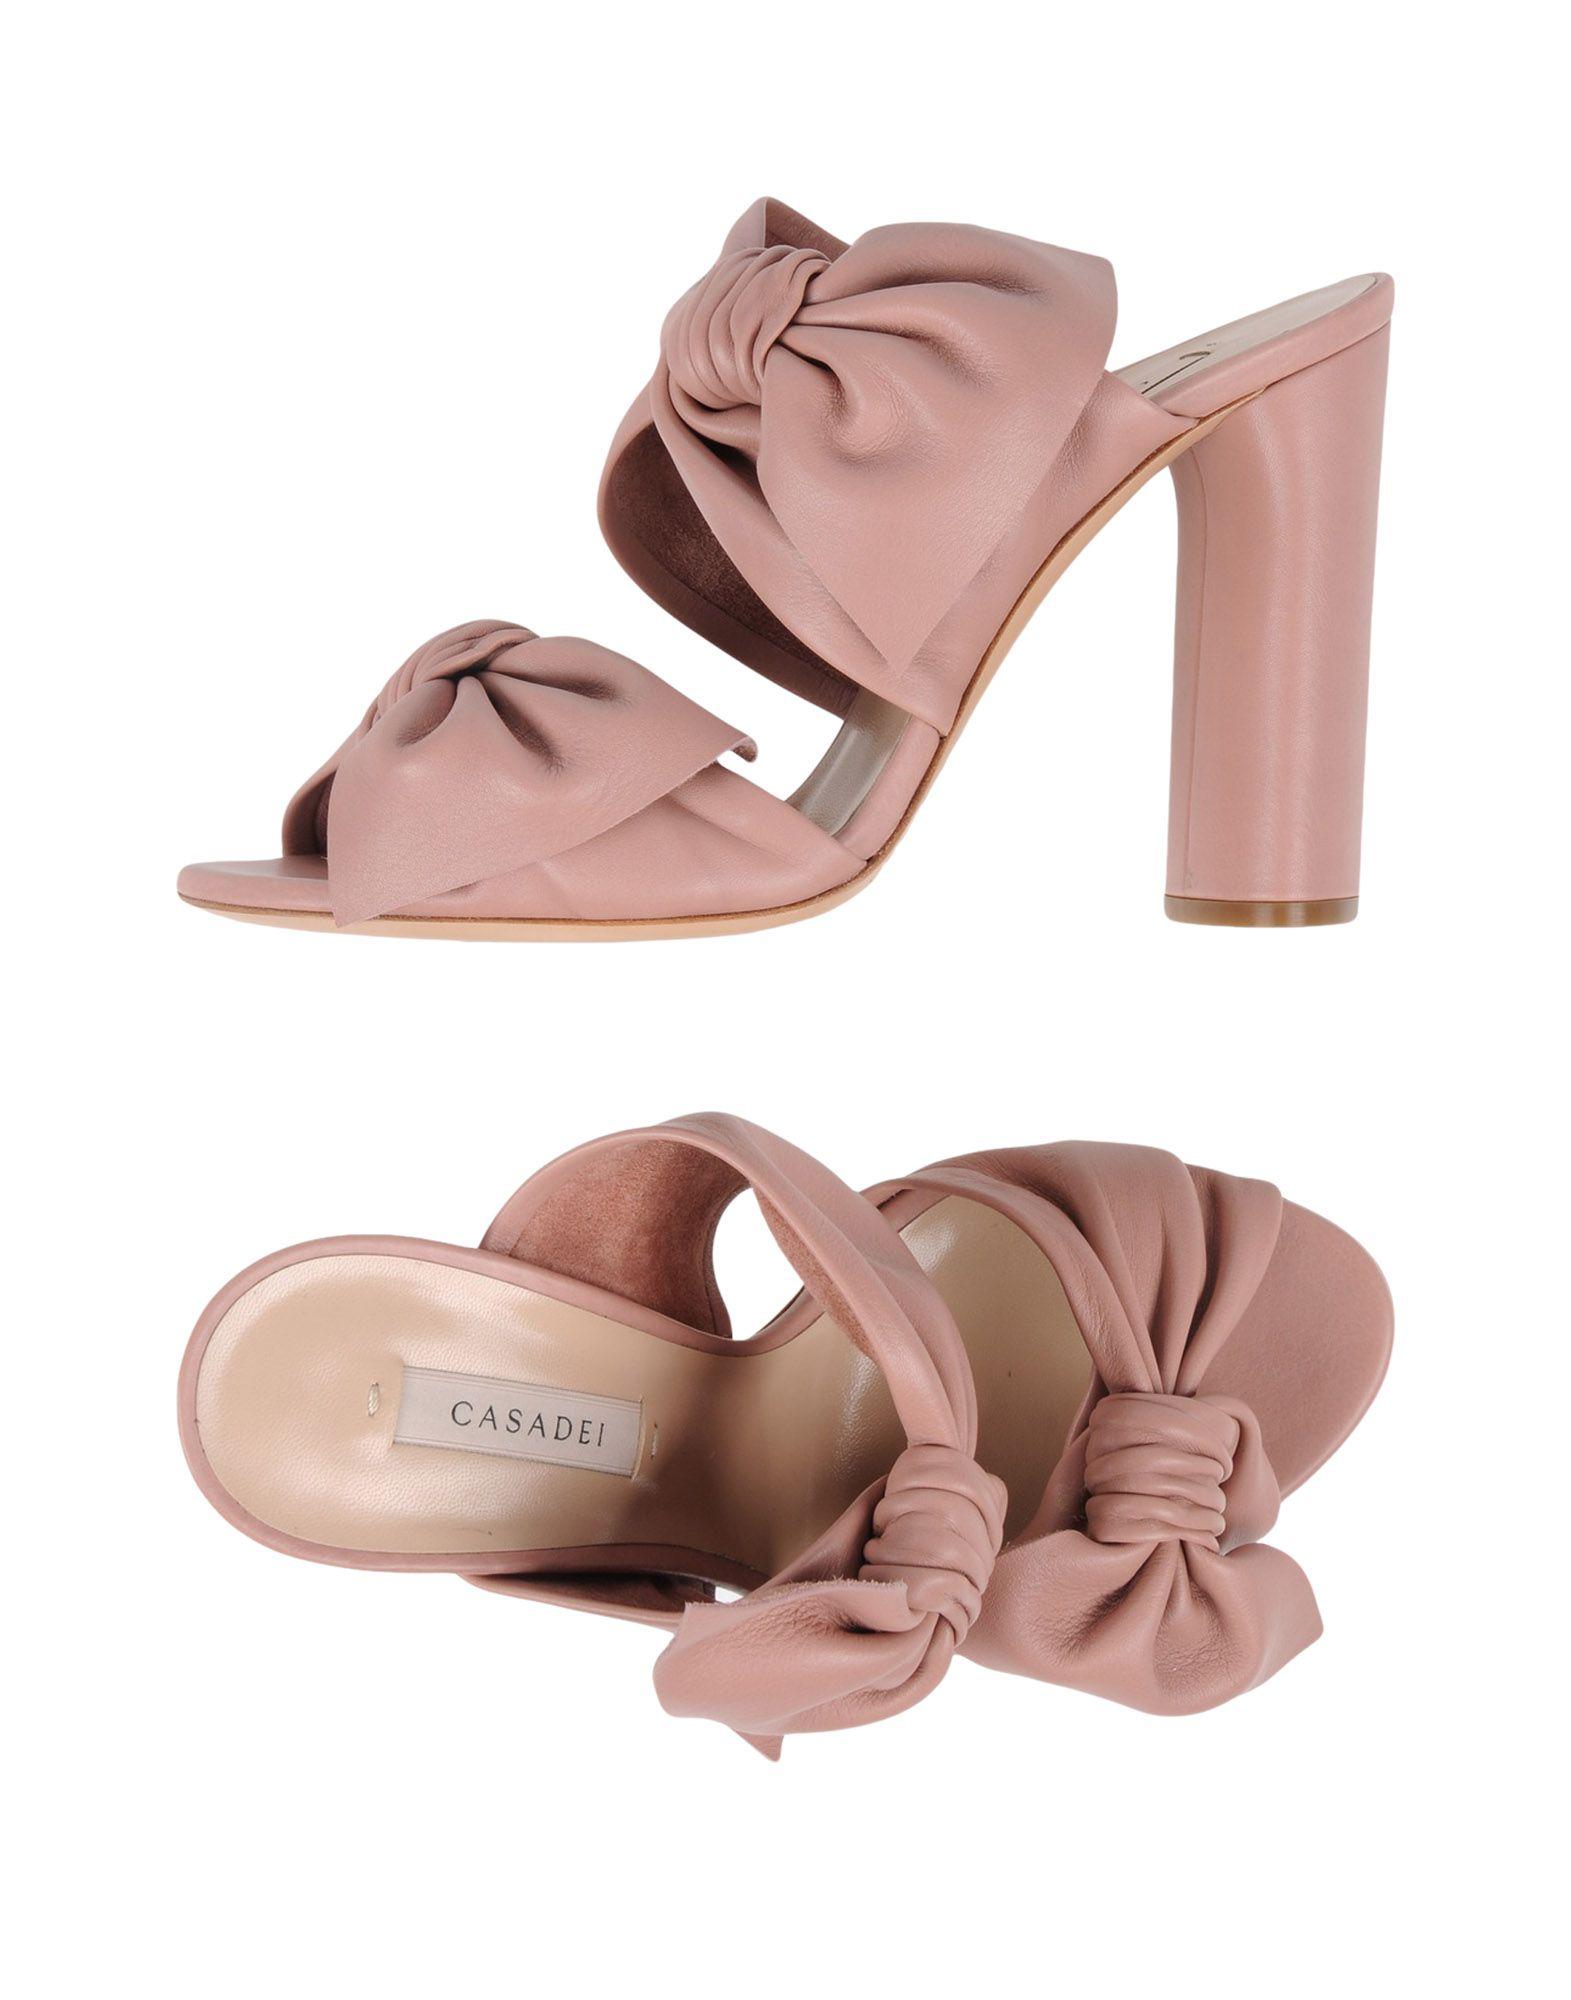 Moda Sandali Casadei Donna - 11450849AO